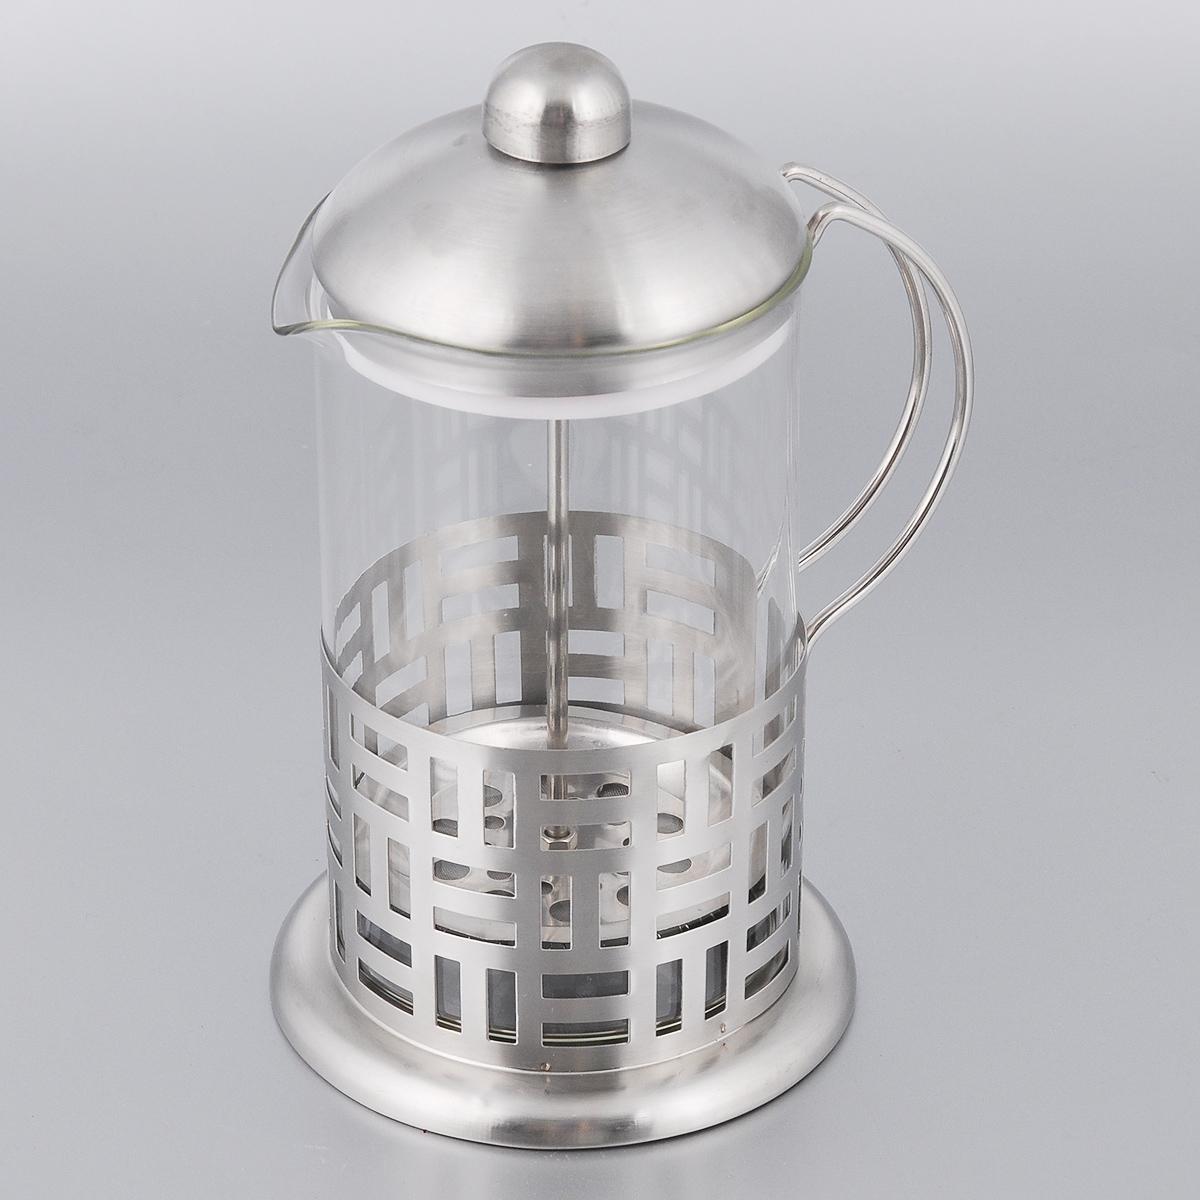 Френч-пресс Bohmann, 800 мл643BHLФренч-пресс Bohmann станет прекрасным выбором для повседневного использования, встречи гостей или небольших вечеринок. Колба, изготовленная их закаленного стекла, сохранит свежесть и аромат напитка. А конструкция френч-пресса встроенного в крышку, прекрасно отфильтрует чай и кофе от заварочной гущи.Удобная ручка обеспечит надежную фиксацию в руке. Утолщенный ободок колбы повышает прочность и продлевает срок службы изделия. Насыпьте чай или кофе в стеклянную колбу, добавьте горячей воды и закройте стакан пресс-фильтром. Подождите 3-5 минут, затем медленно опустите пресс-фильтр до упора. Приятного чаепития!Френч-пресс Bohmann позволит быстро и просто приготовить чай или свежий и ароматный кофе. Объем: 800 мл.Диаметр (по верхнему краю): 10 см. Высота стенки: 17 см.